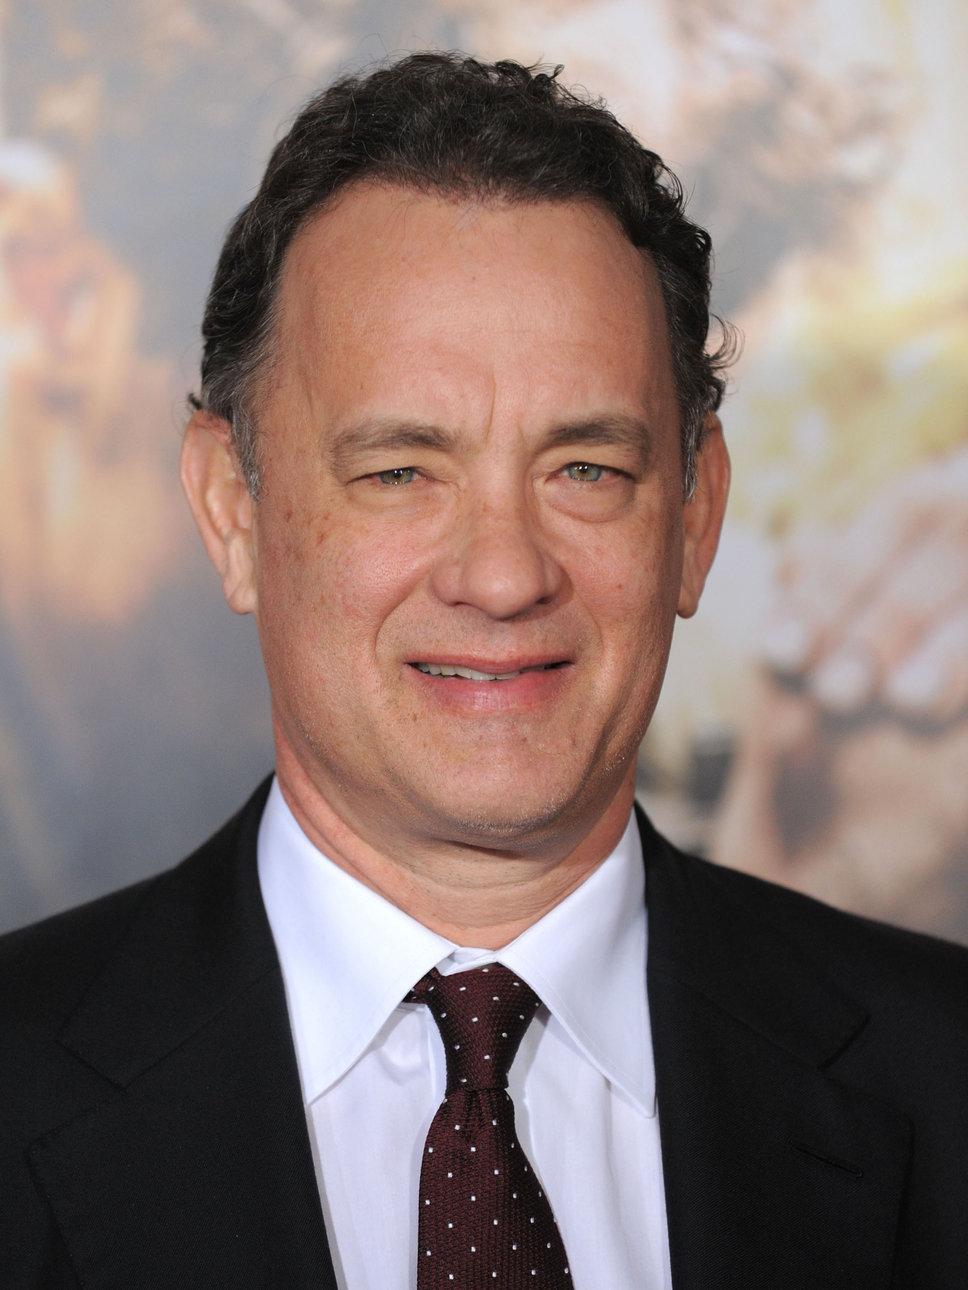 Tom Hanks Y Emma Thompson Podrían Protagonizar Una Nueva Película